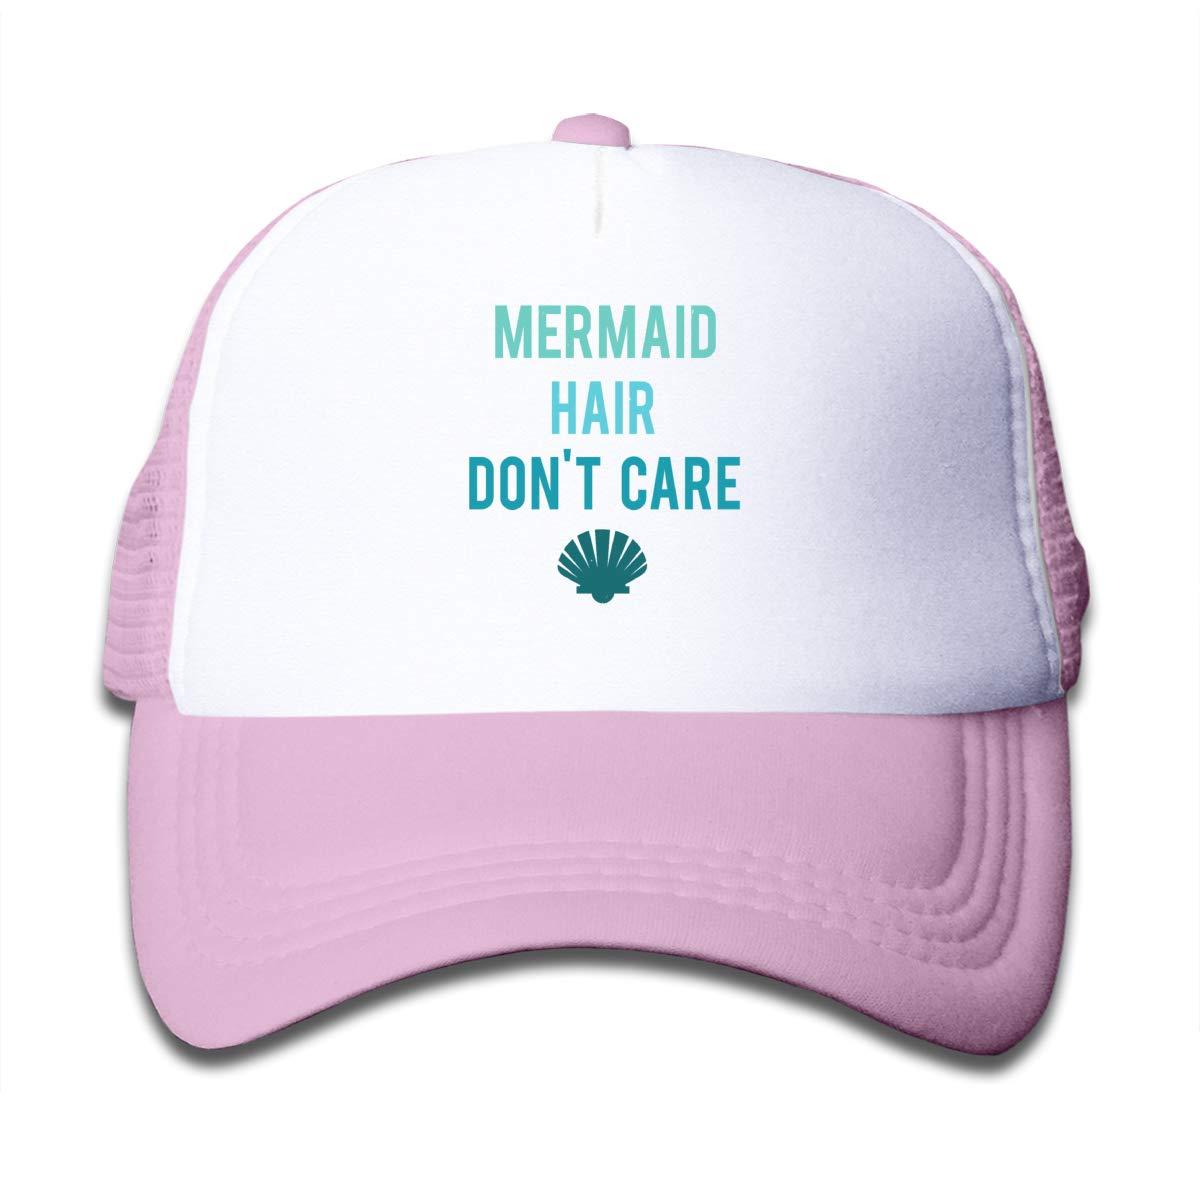 Mermaid Hair Don't Care Sunscreen Mesh Back Cap Trucker Baseball Hat for Girls Pink